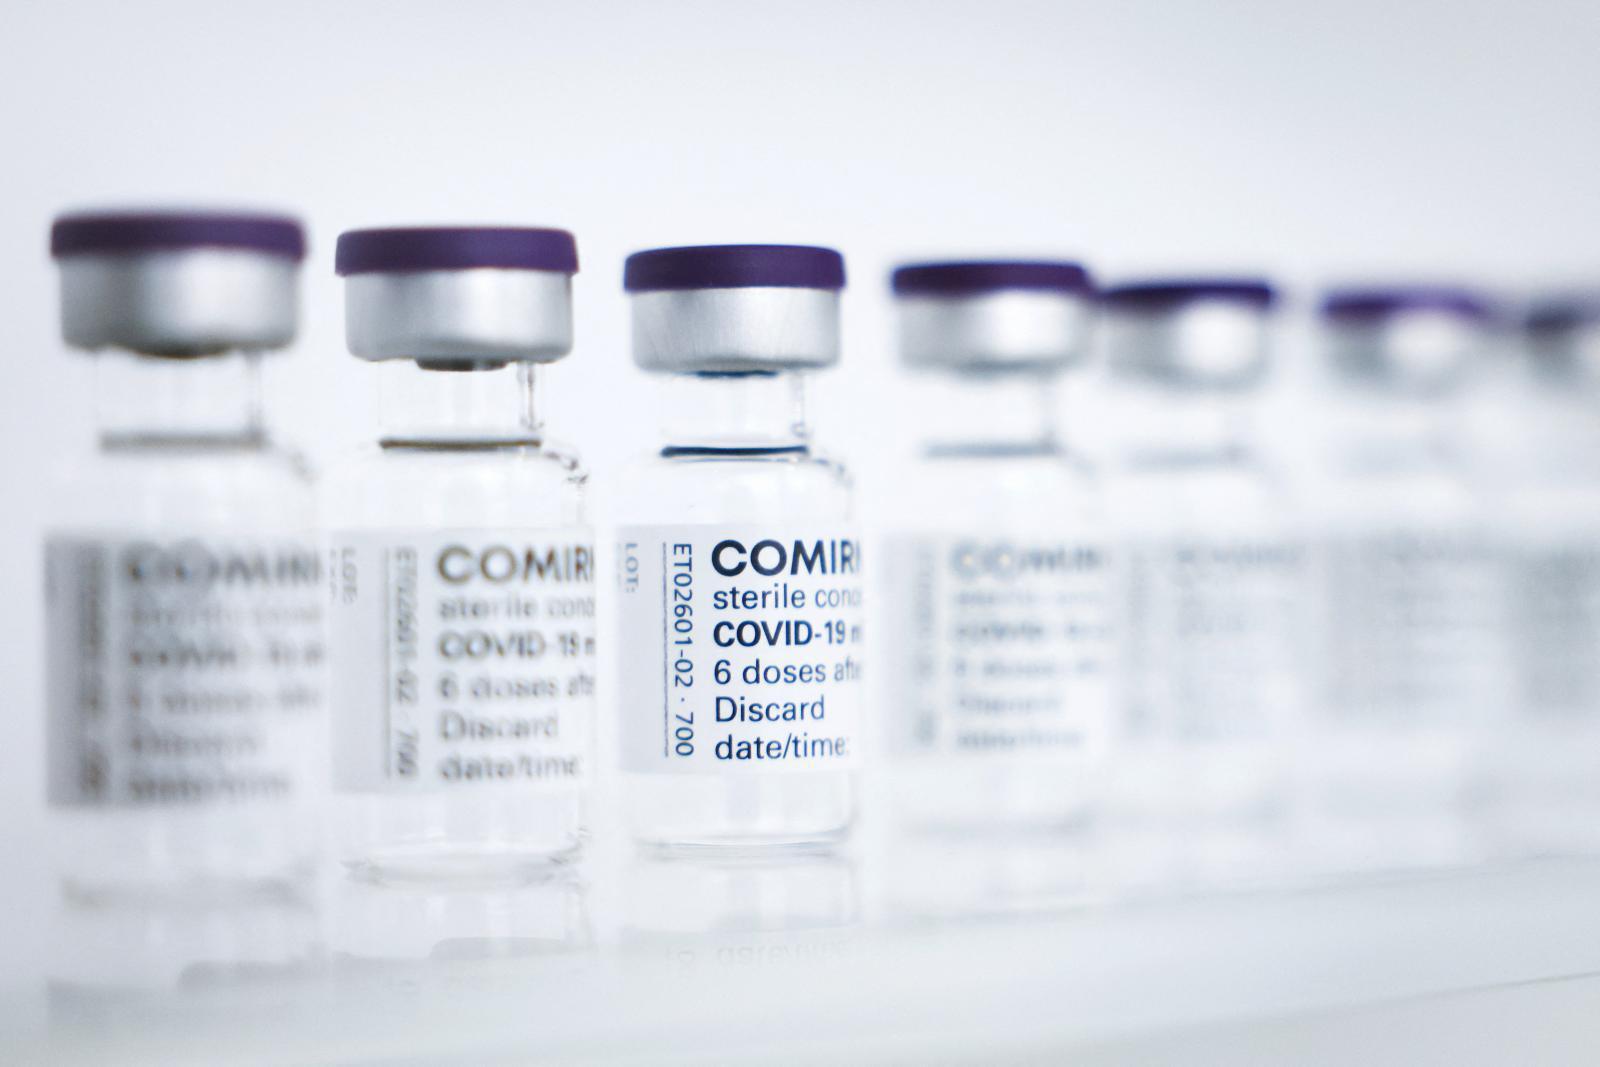 ญี่ปุ่น - เกาหลีใต้เตรียมทดลองวัคซีนแบบผสม